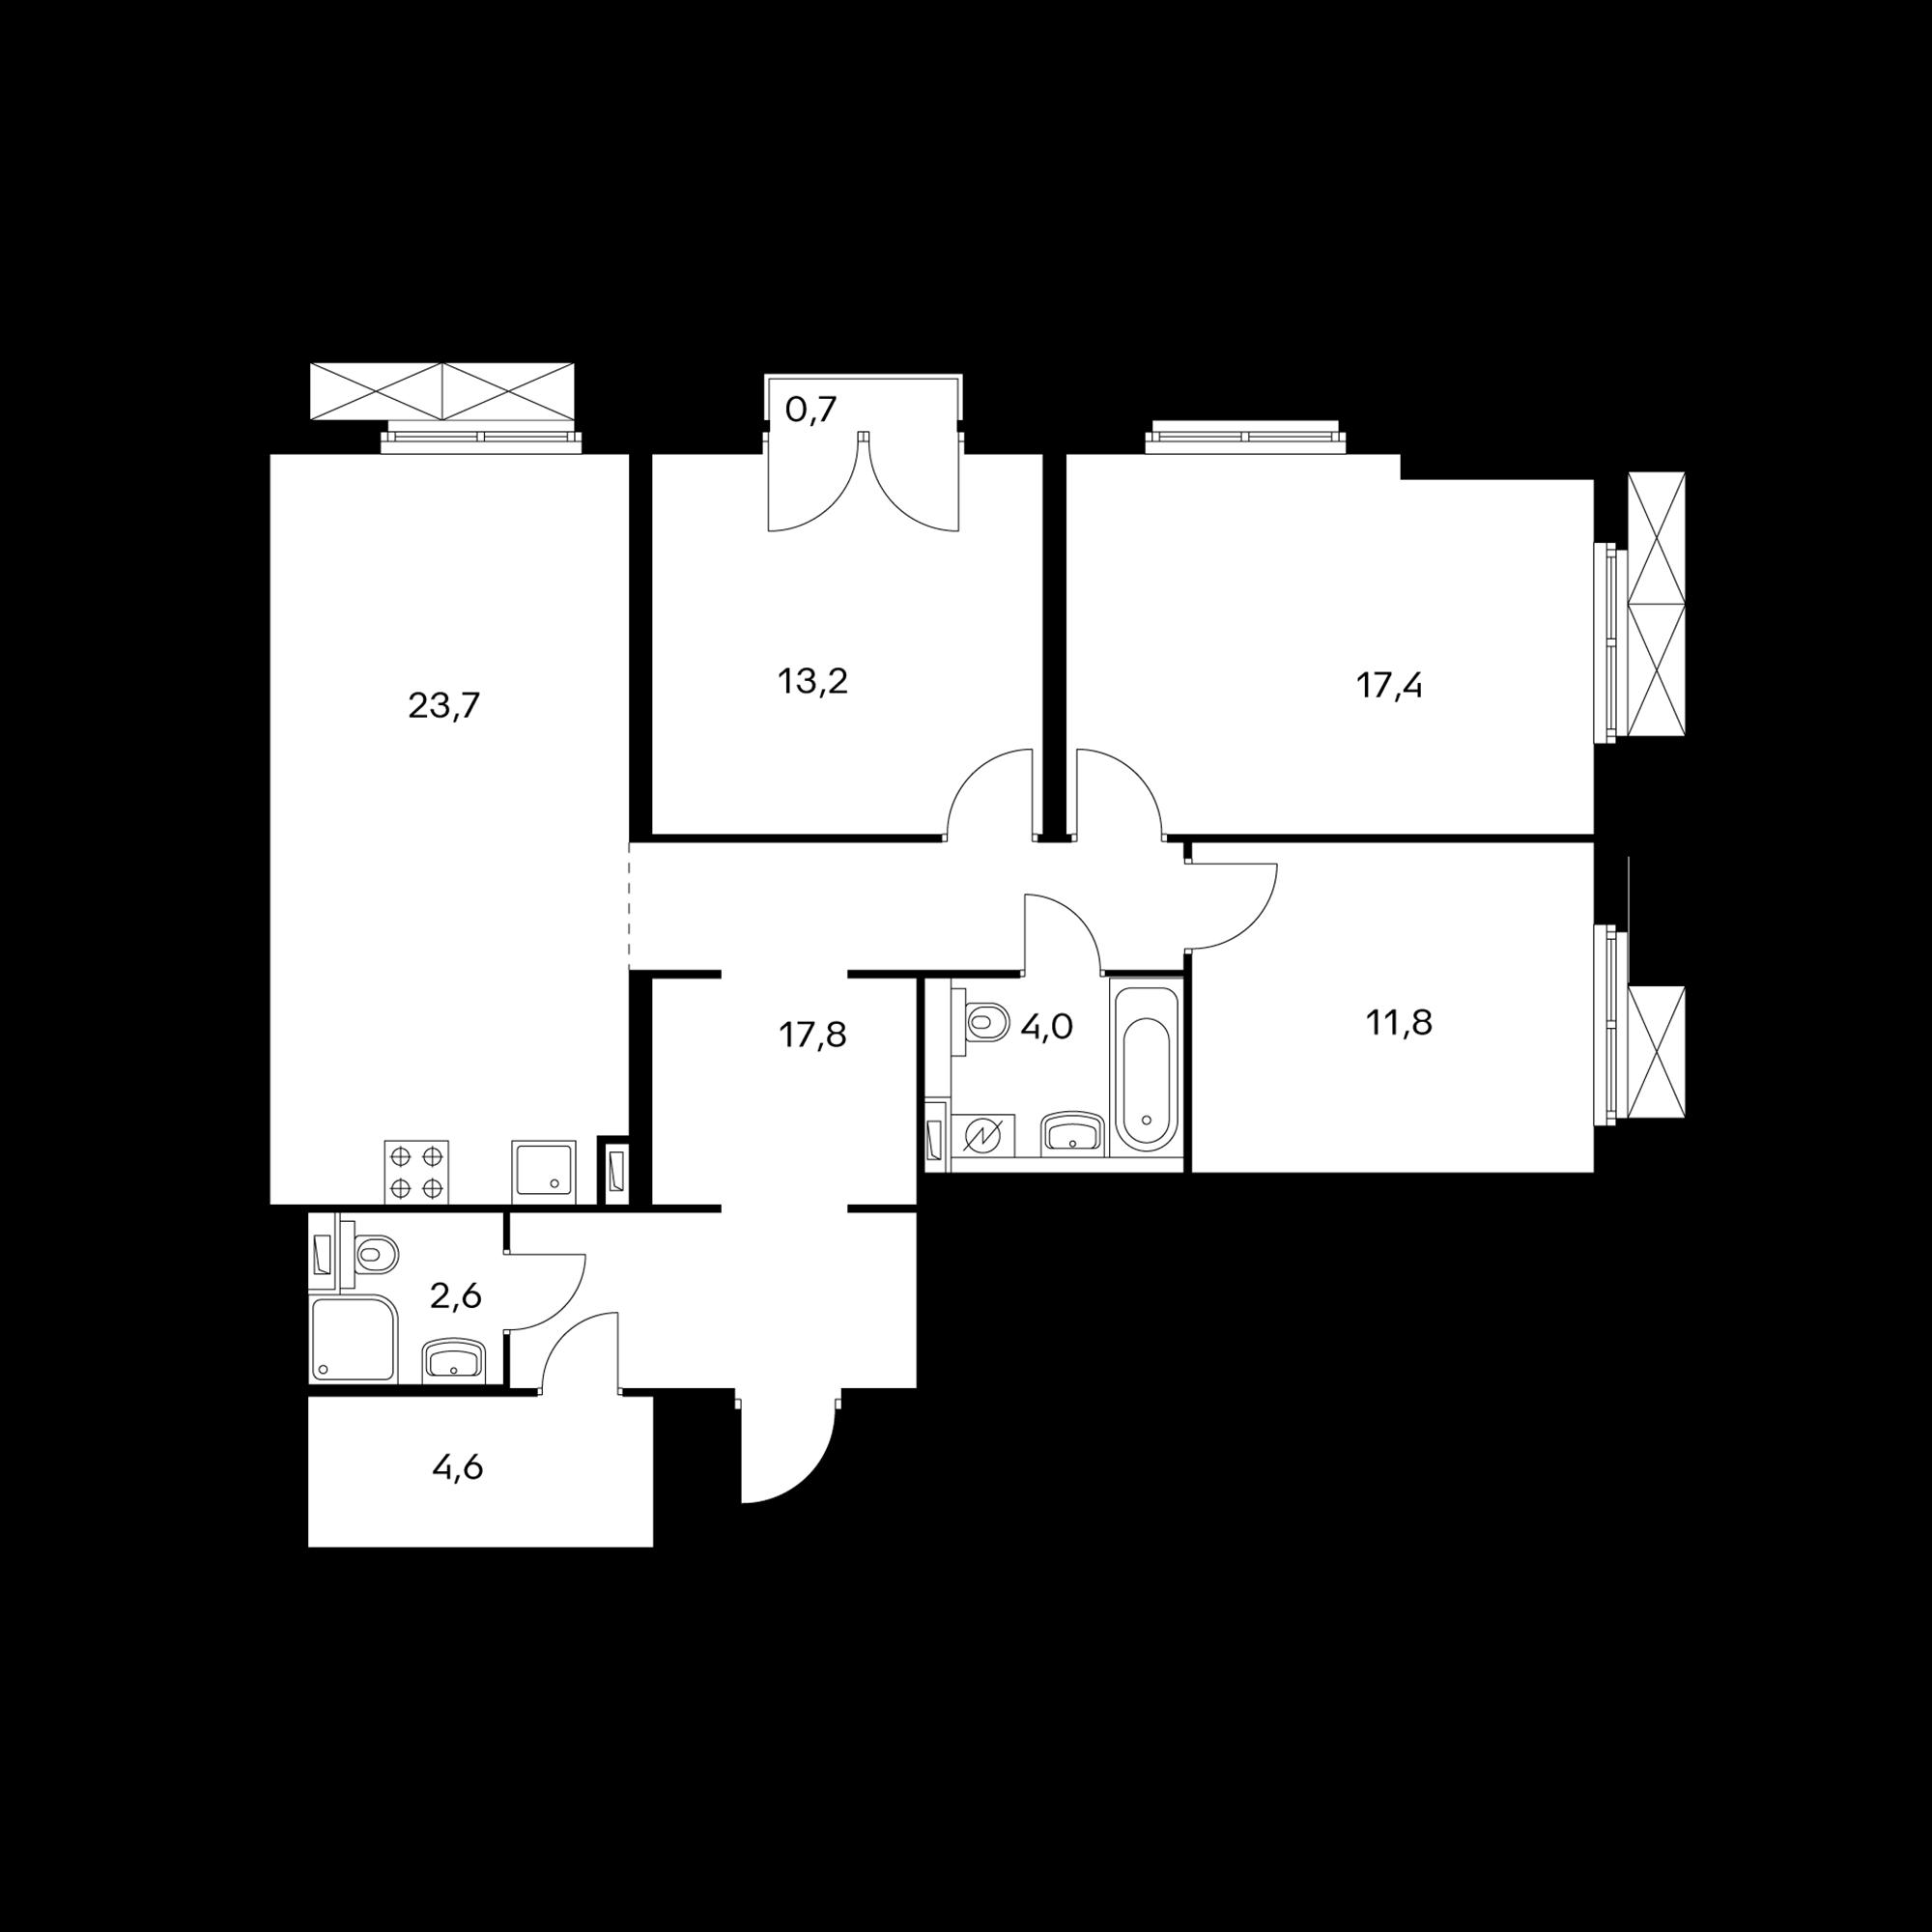 3-комнатная 95.3 м²